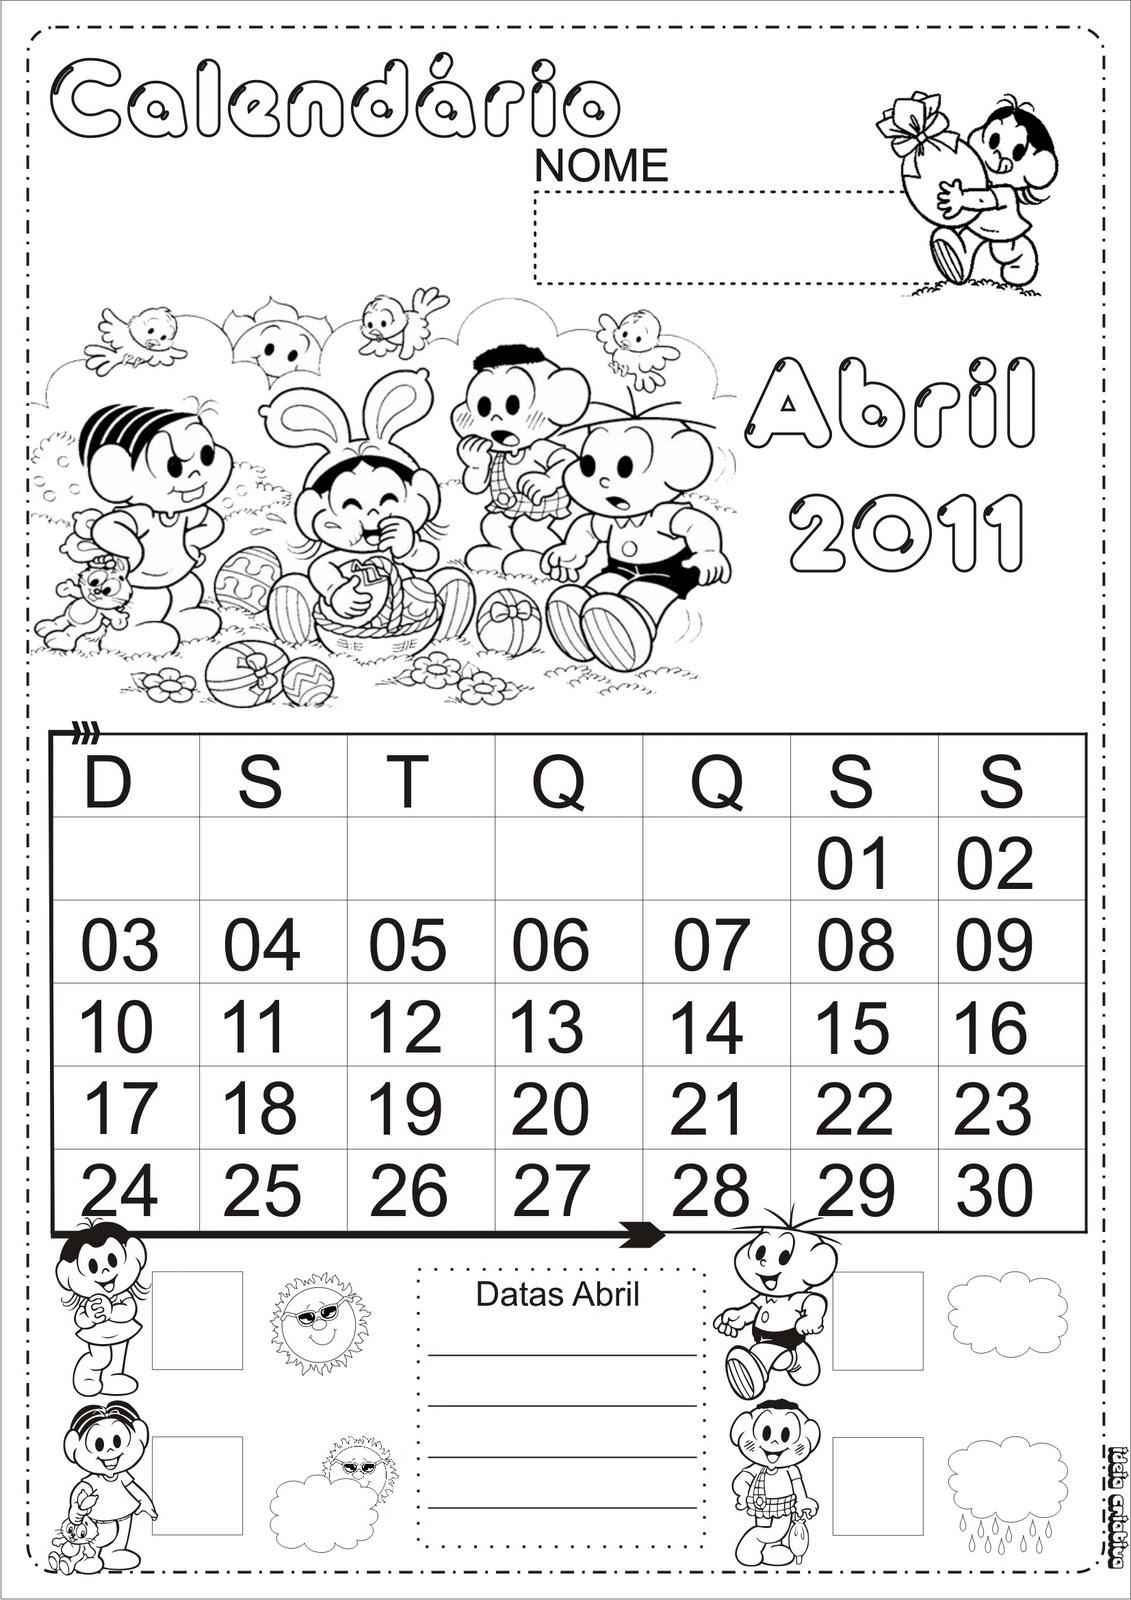 Calendário 2015- Turma da Mônica